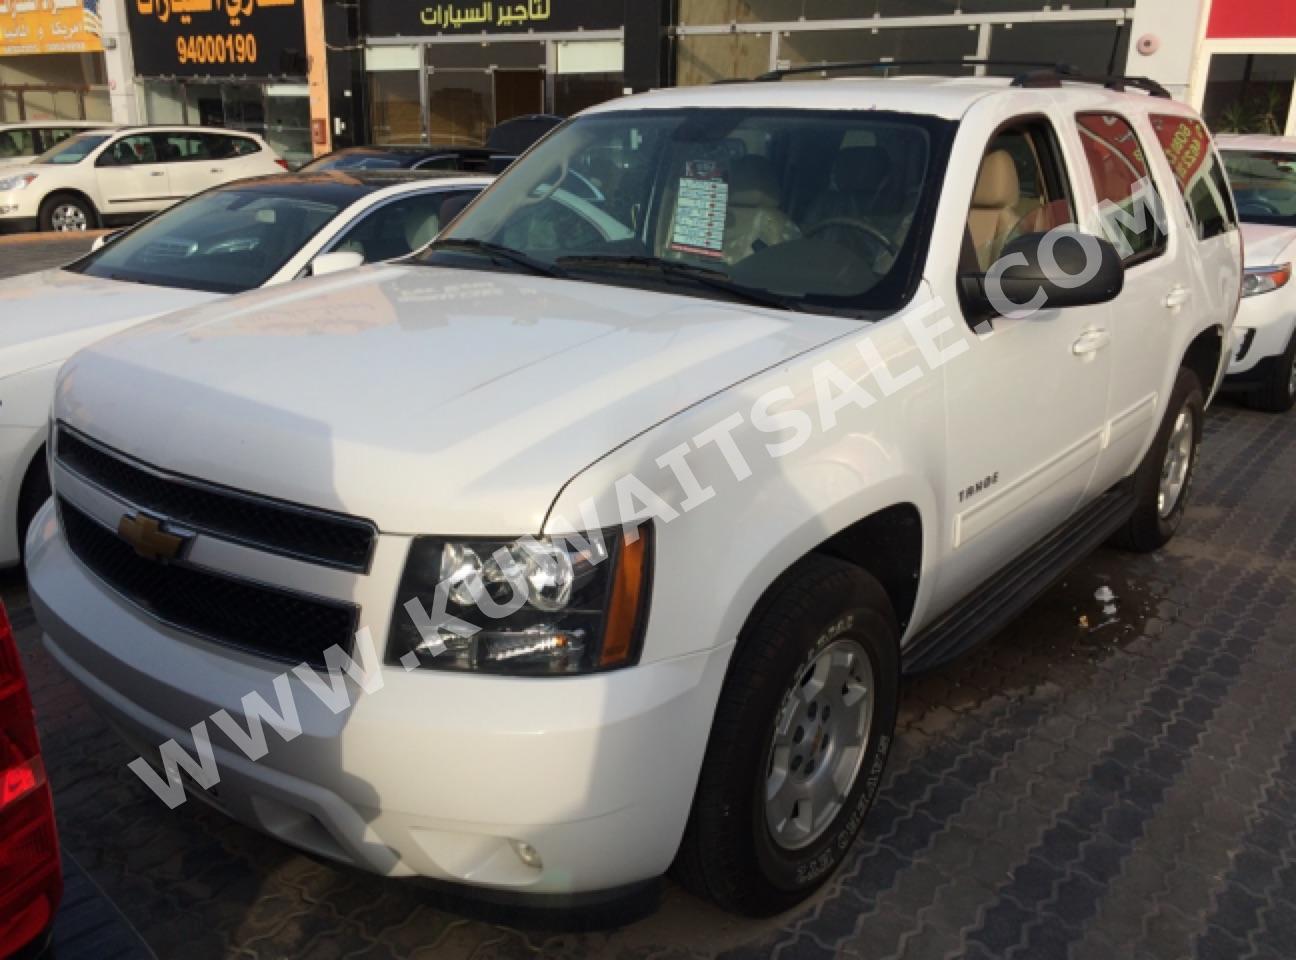 16493b760 شفروليه تاهو - أبيض / 2014 - للبيع في كويت سيل